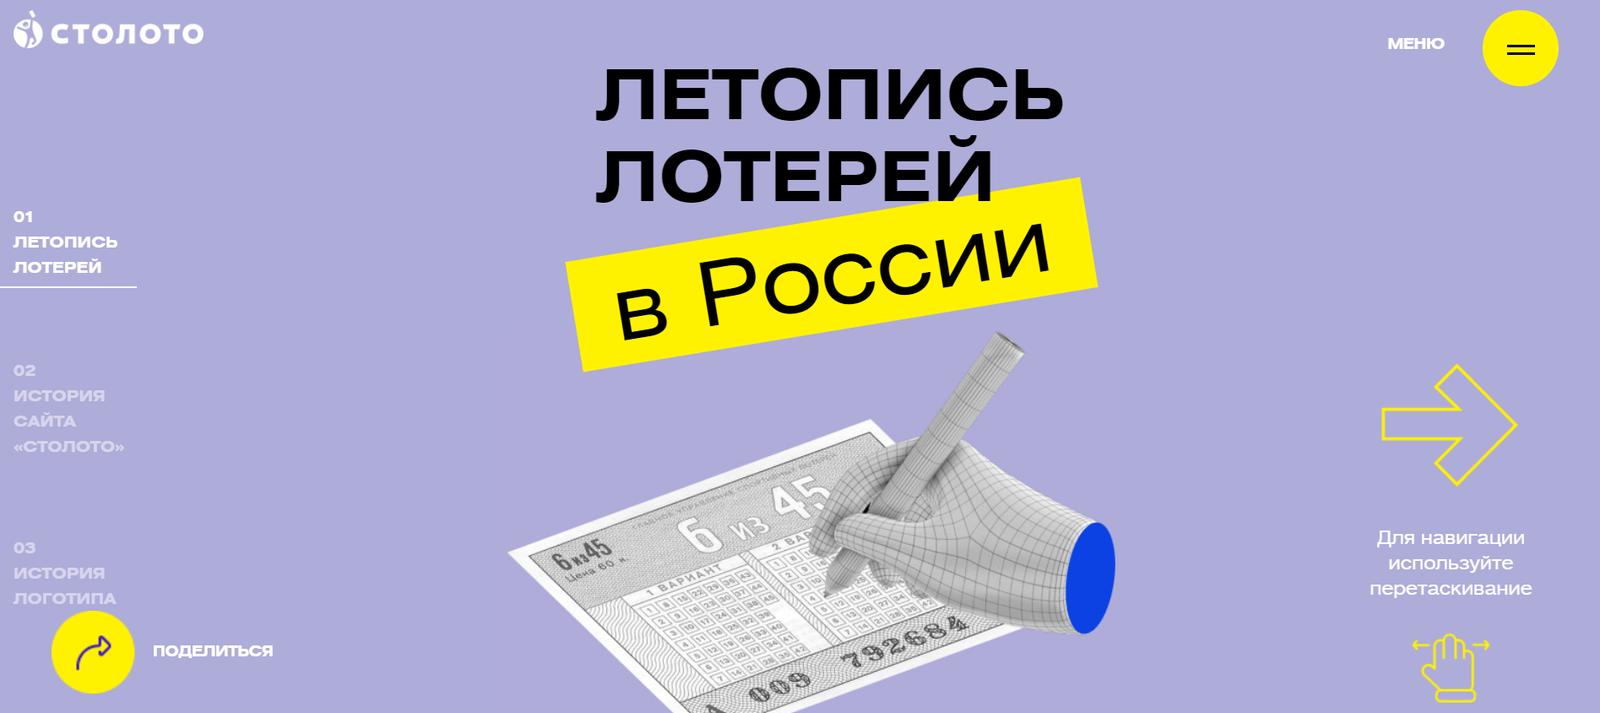 Российское лото - это развод или нет?